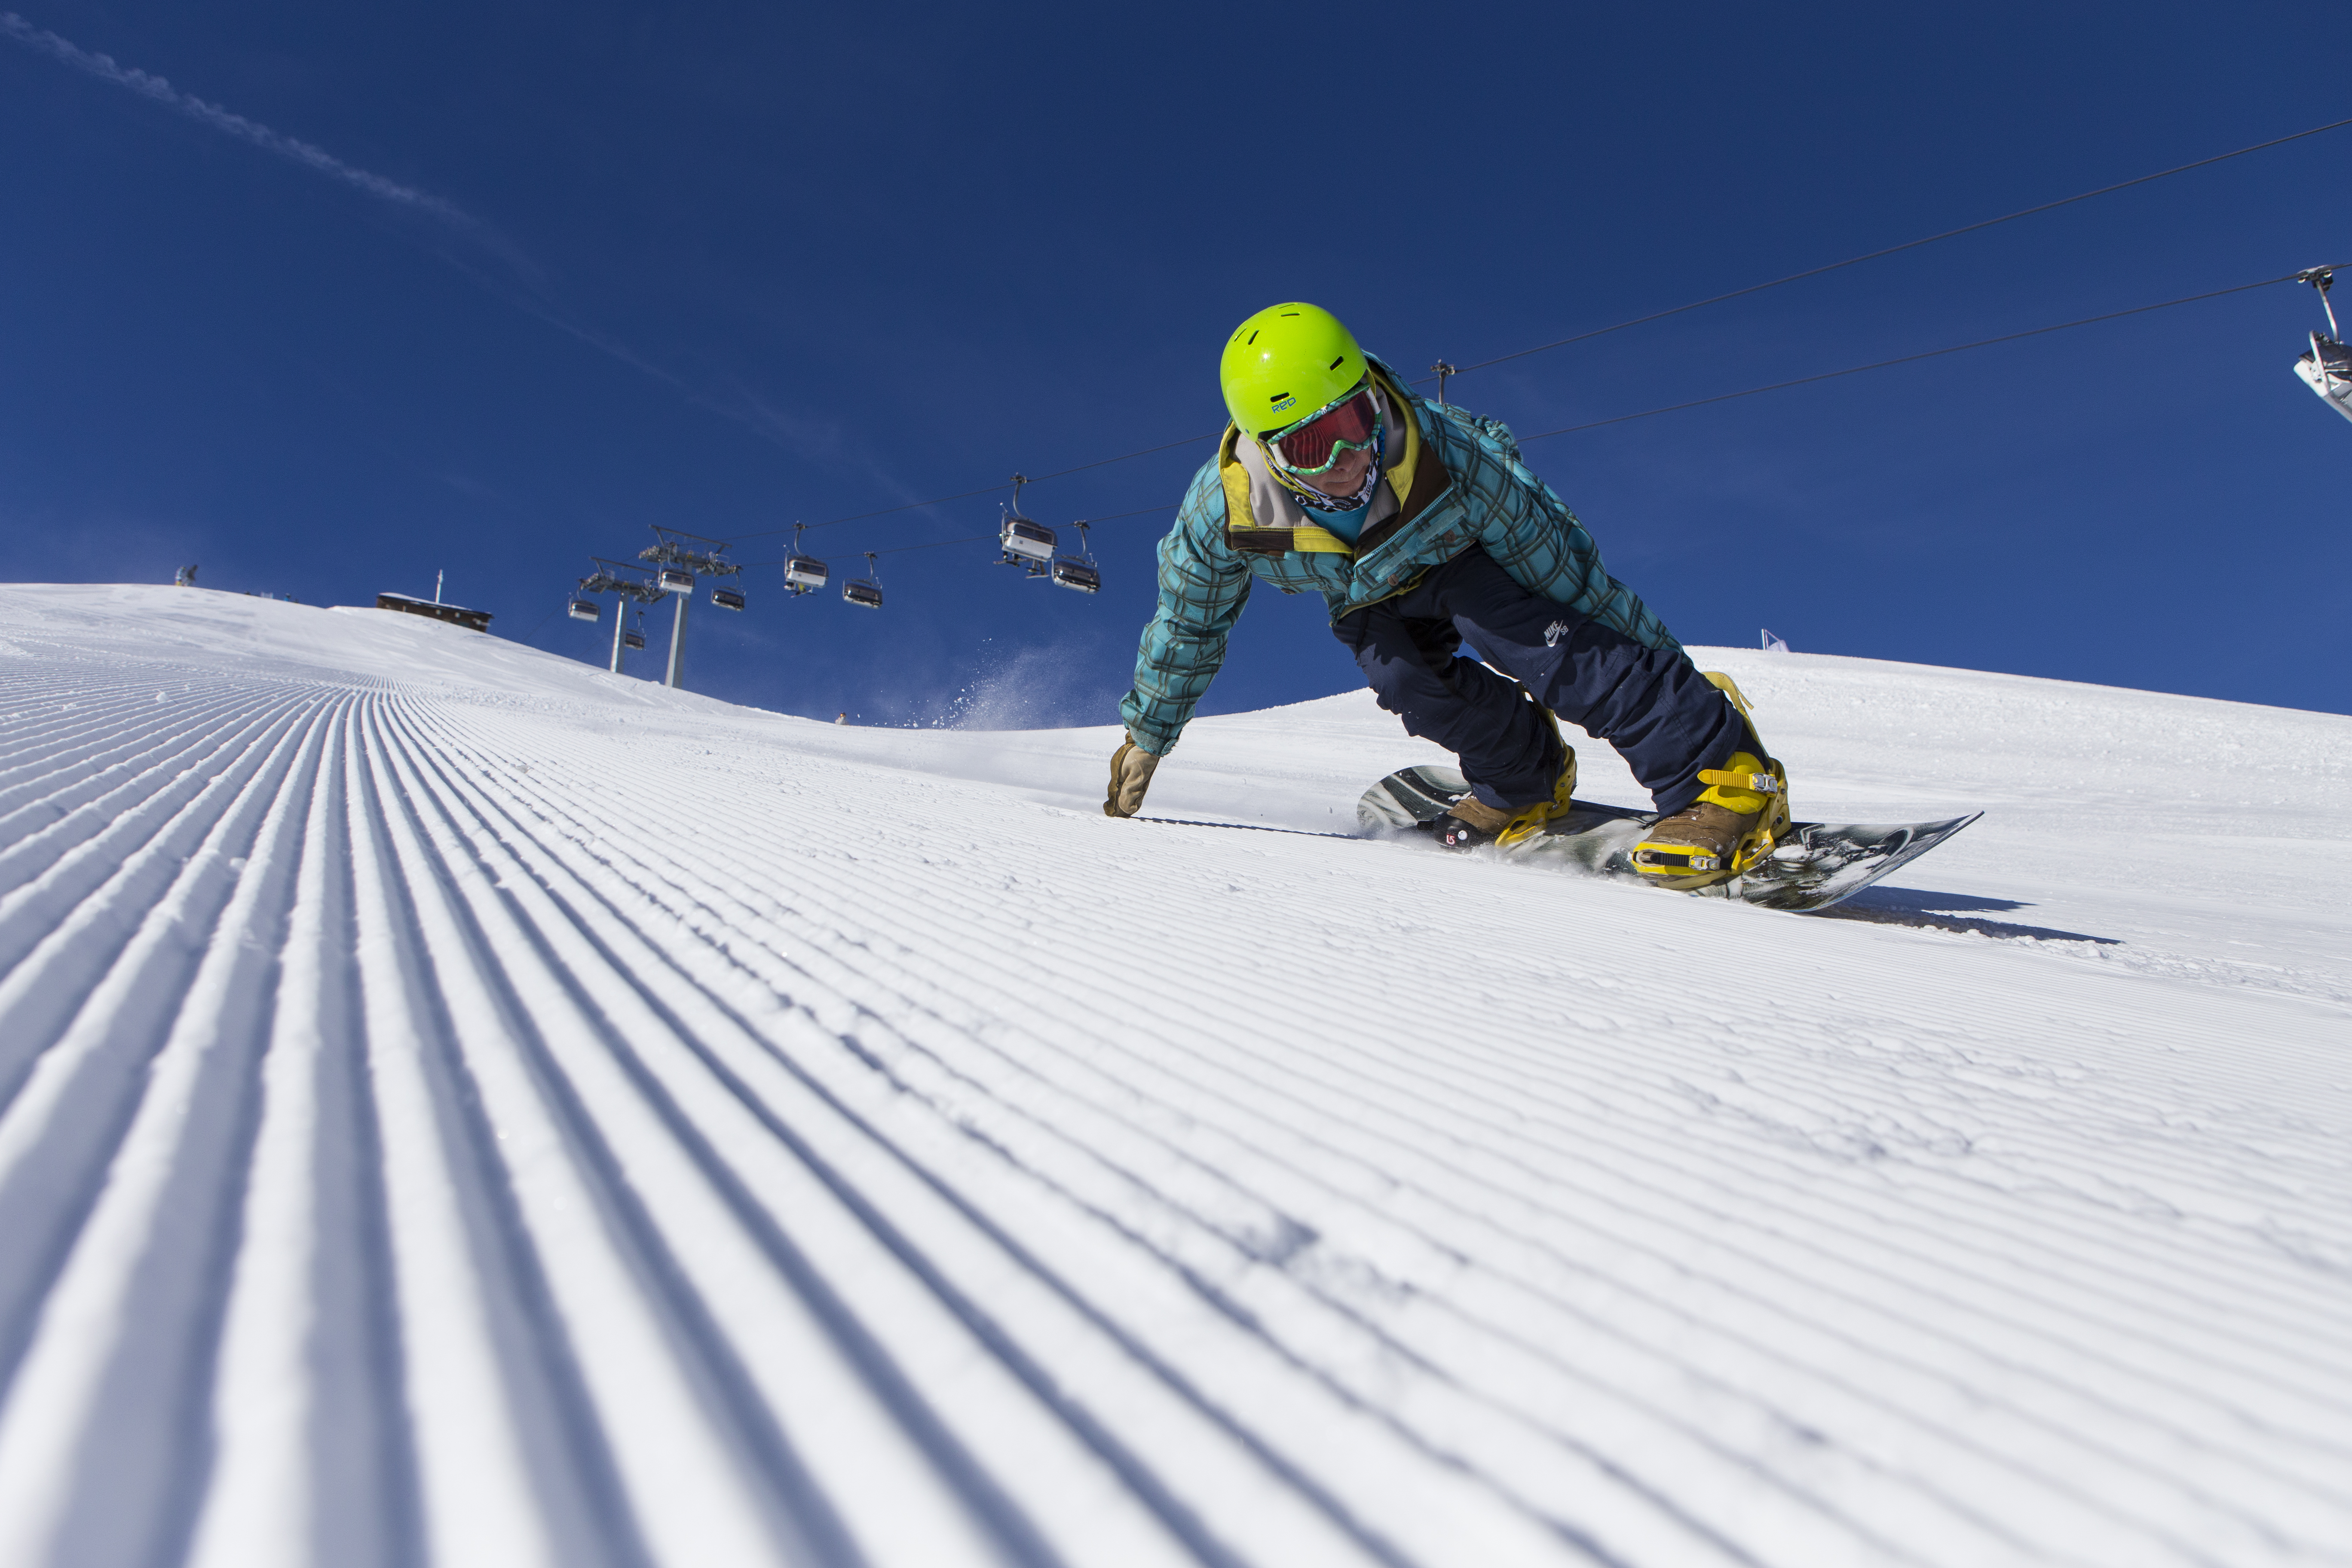 Snowboard sulle piste innevate del Mottolino